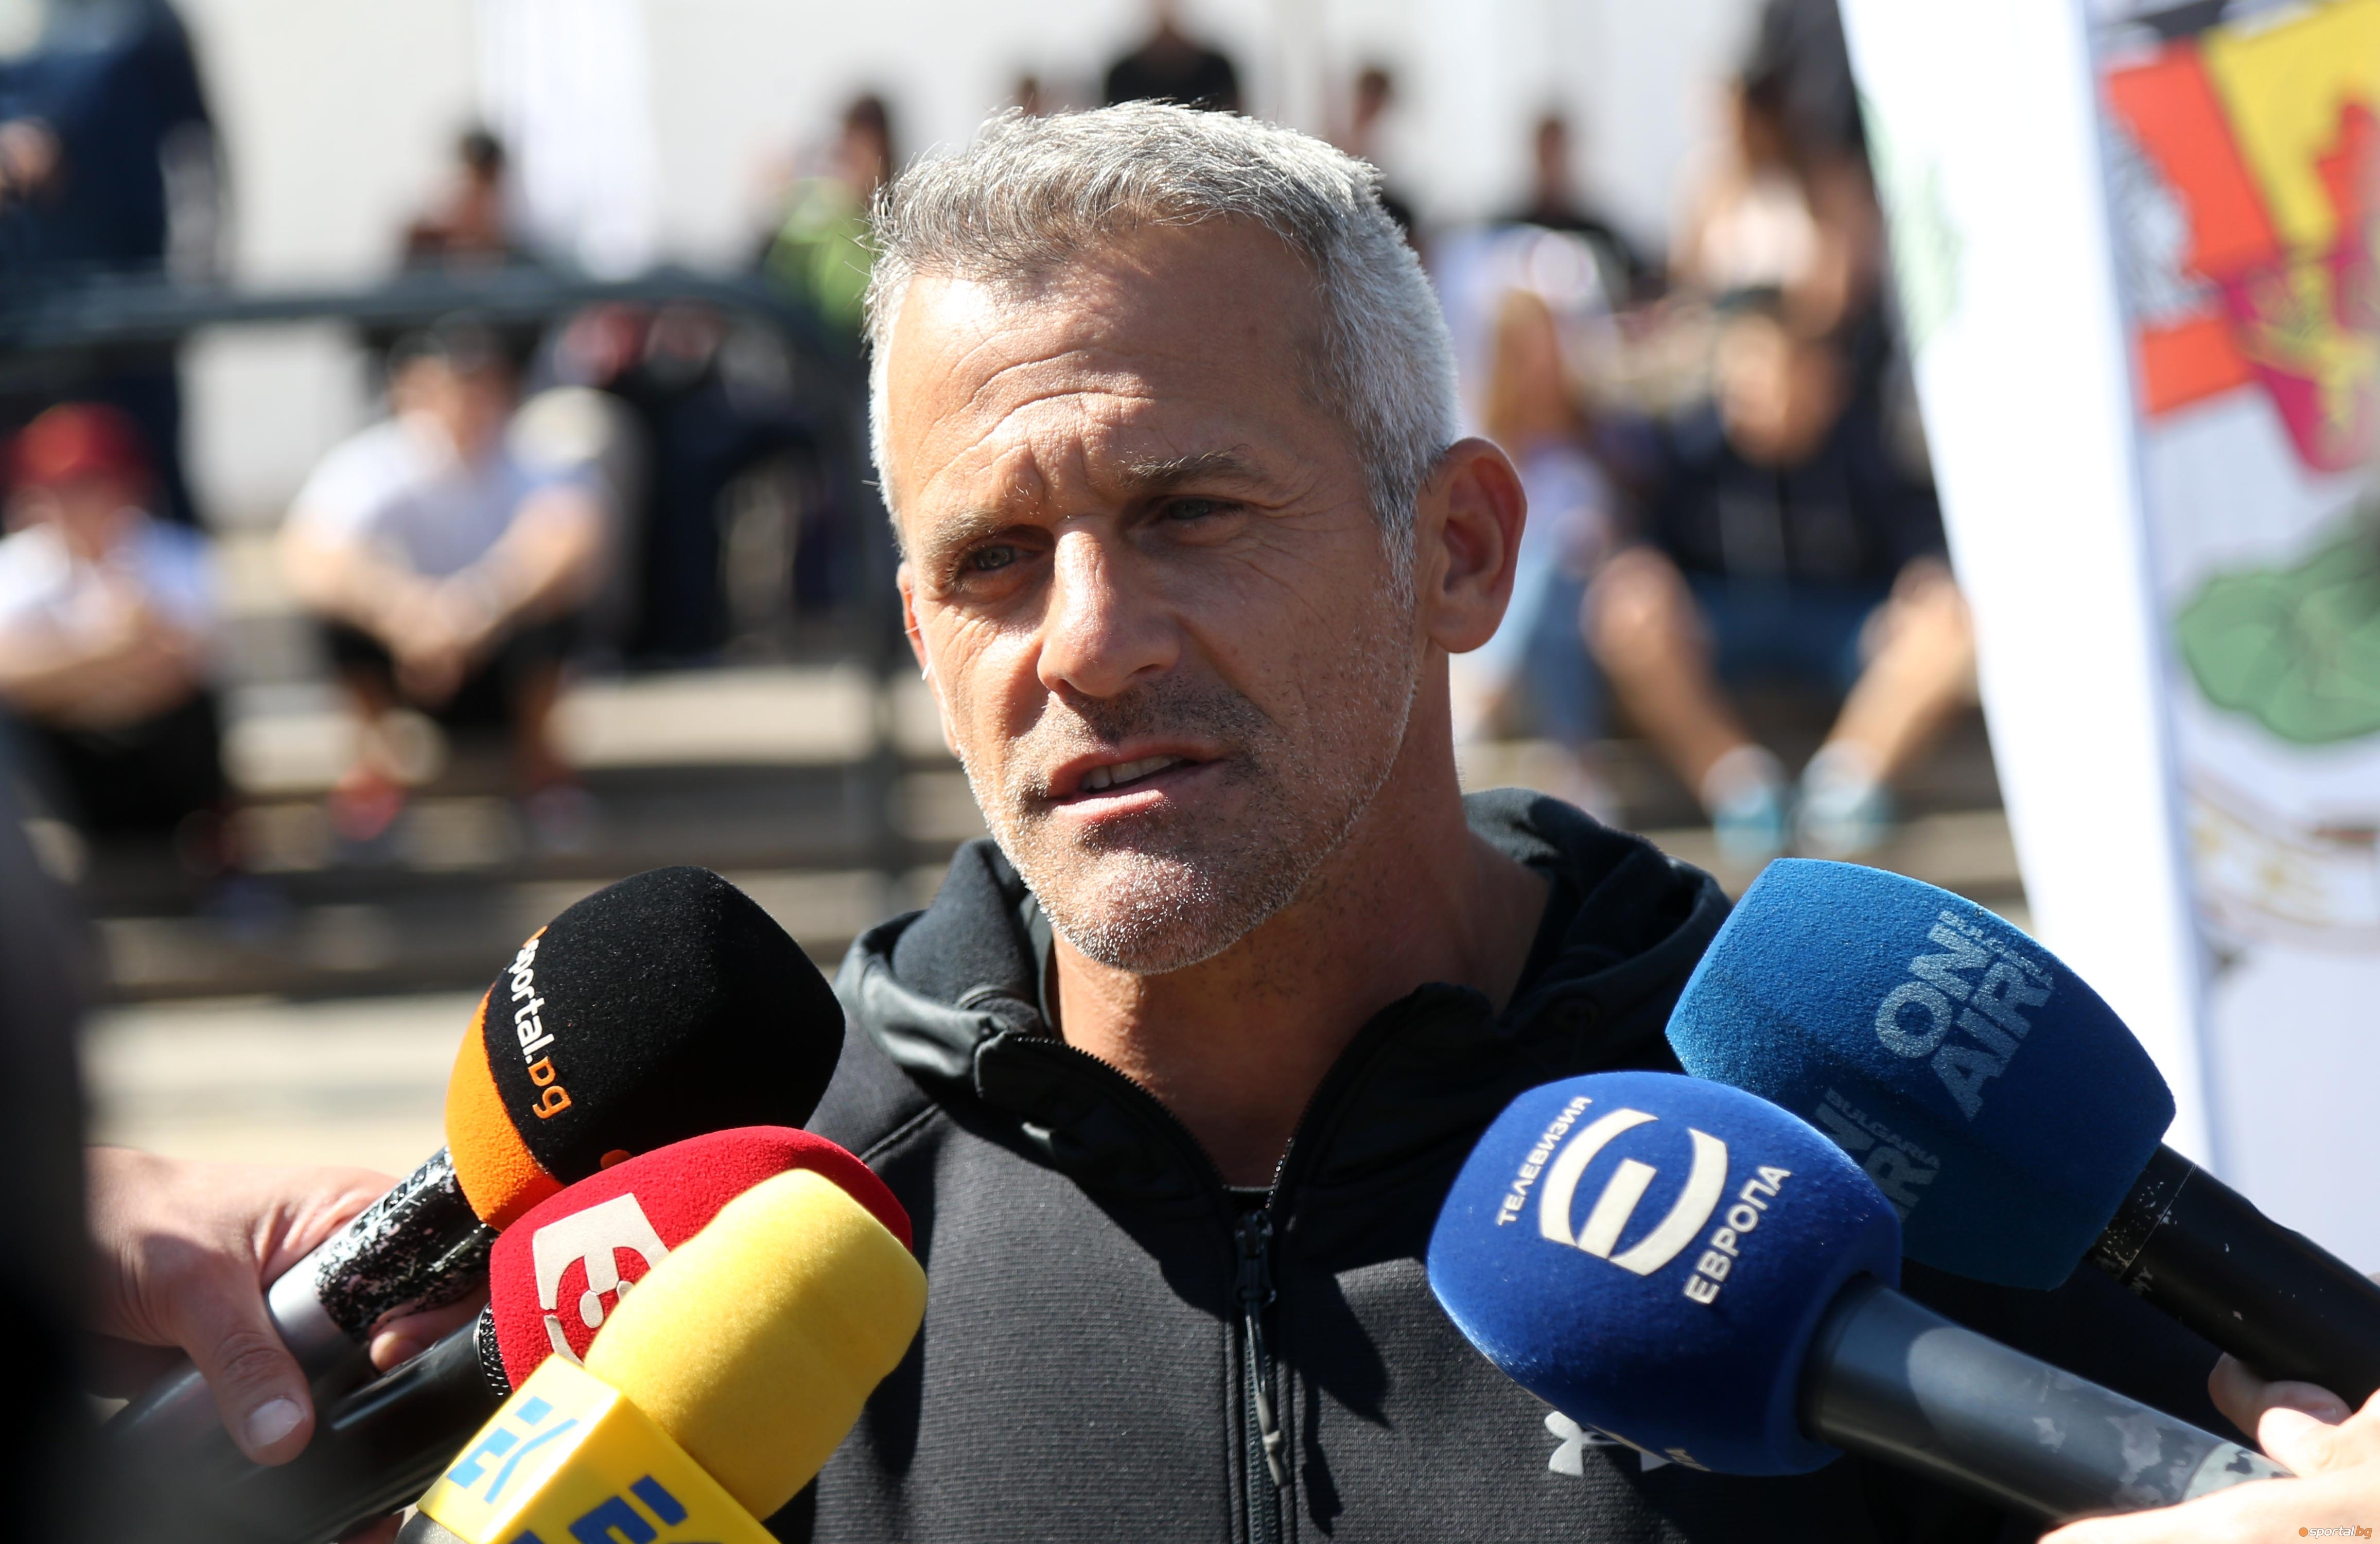 Легендата в спортната ни гимнастика Йордан Йовчев освен генерален секретар